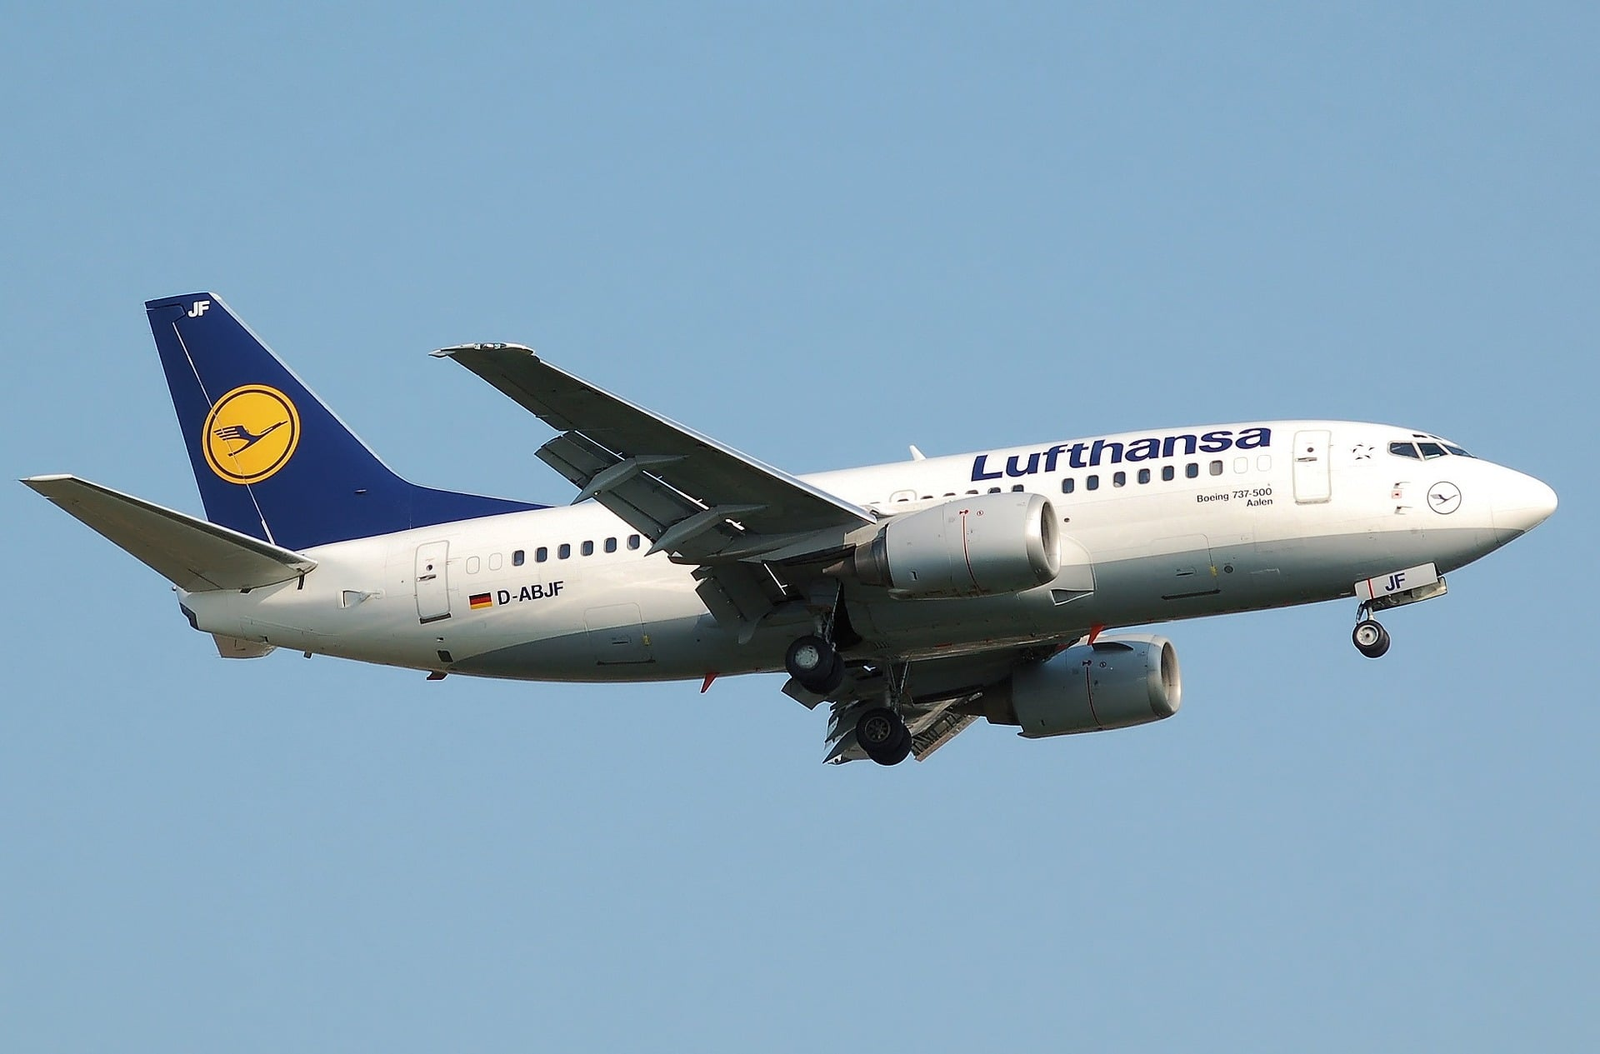 Kostenloses Internet für Telekom Kunden auf Lufthansa Flügen in Europa